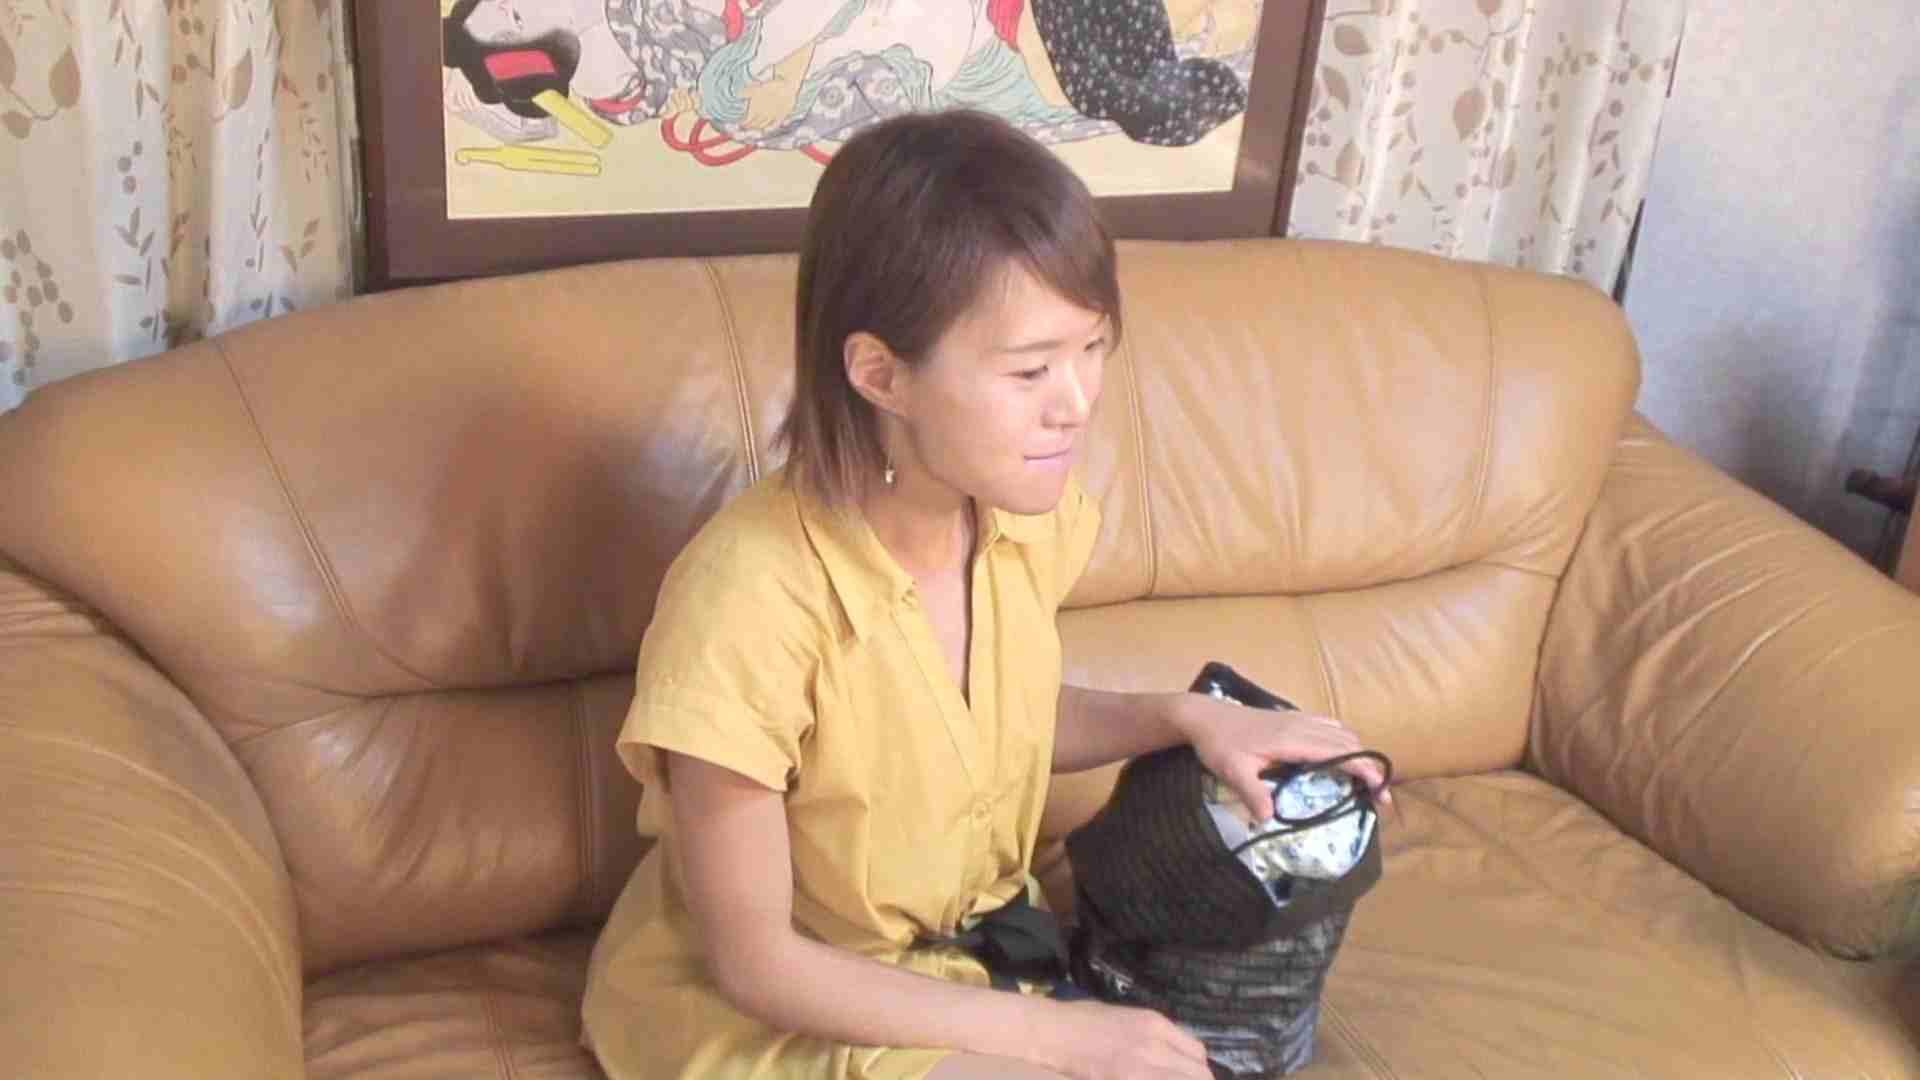 鬼才沖本監督作品 フェラしか出来ない女 フェラ 盗撮動画紹介 70PIX 22